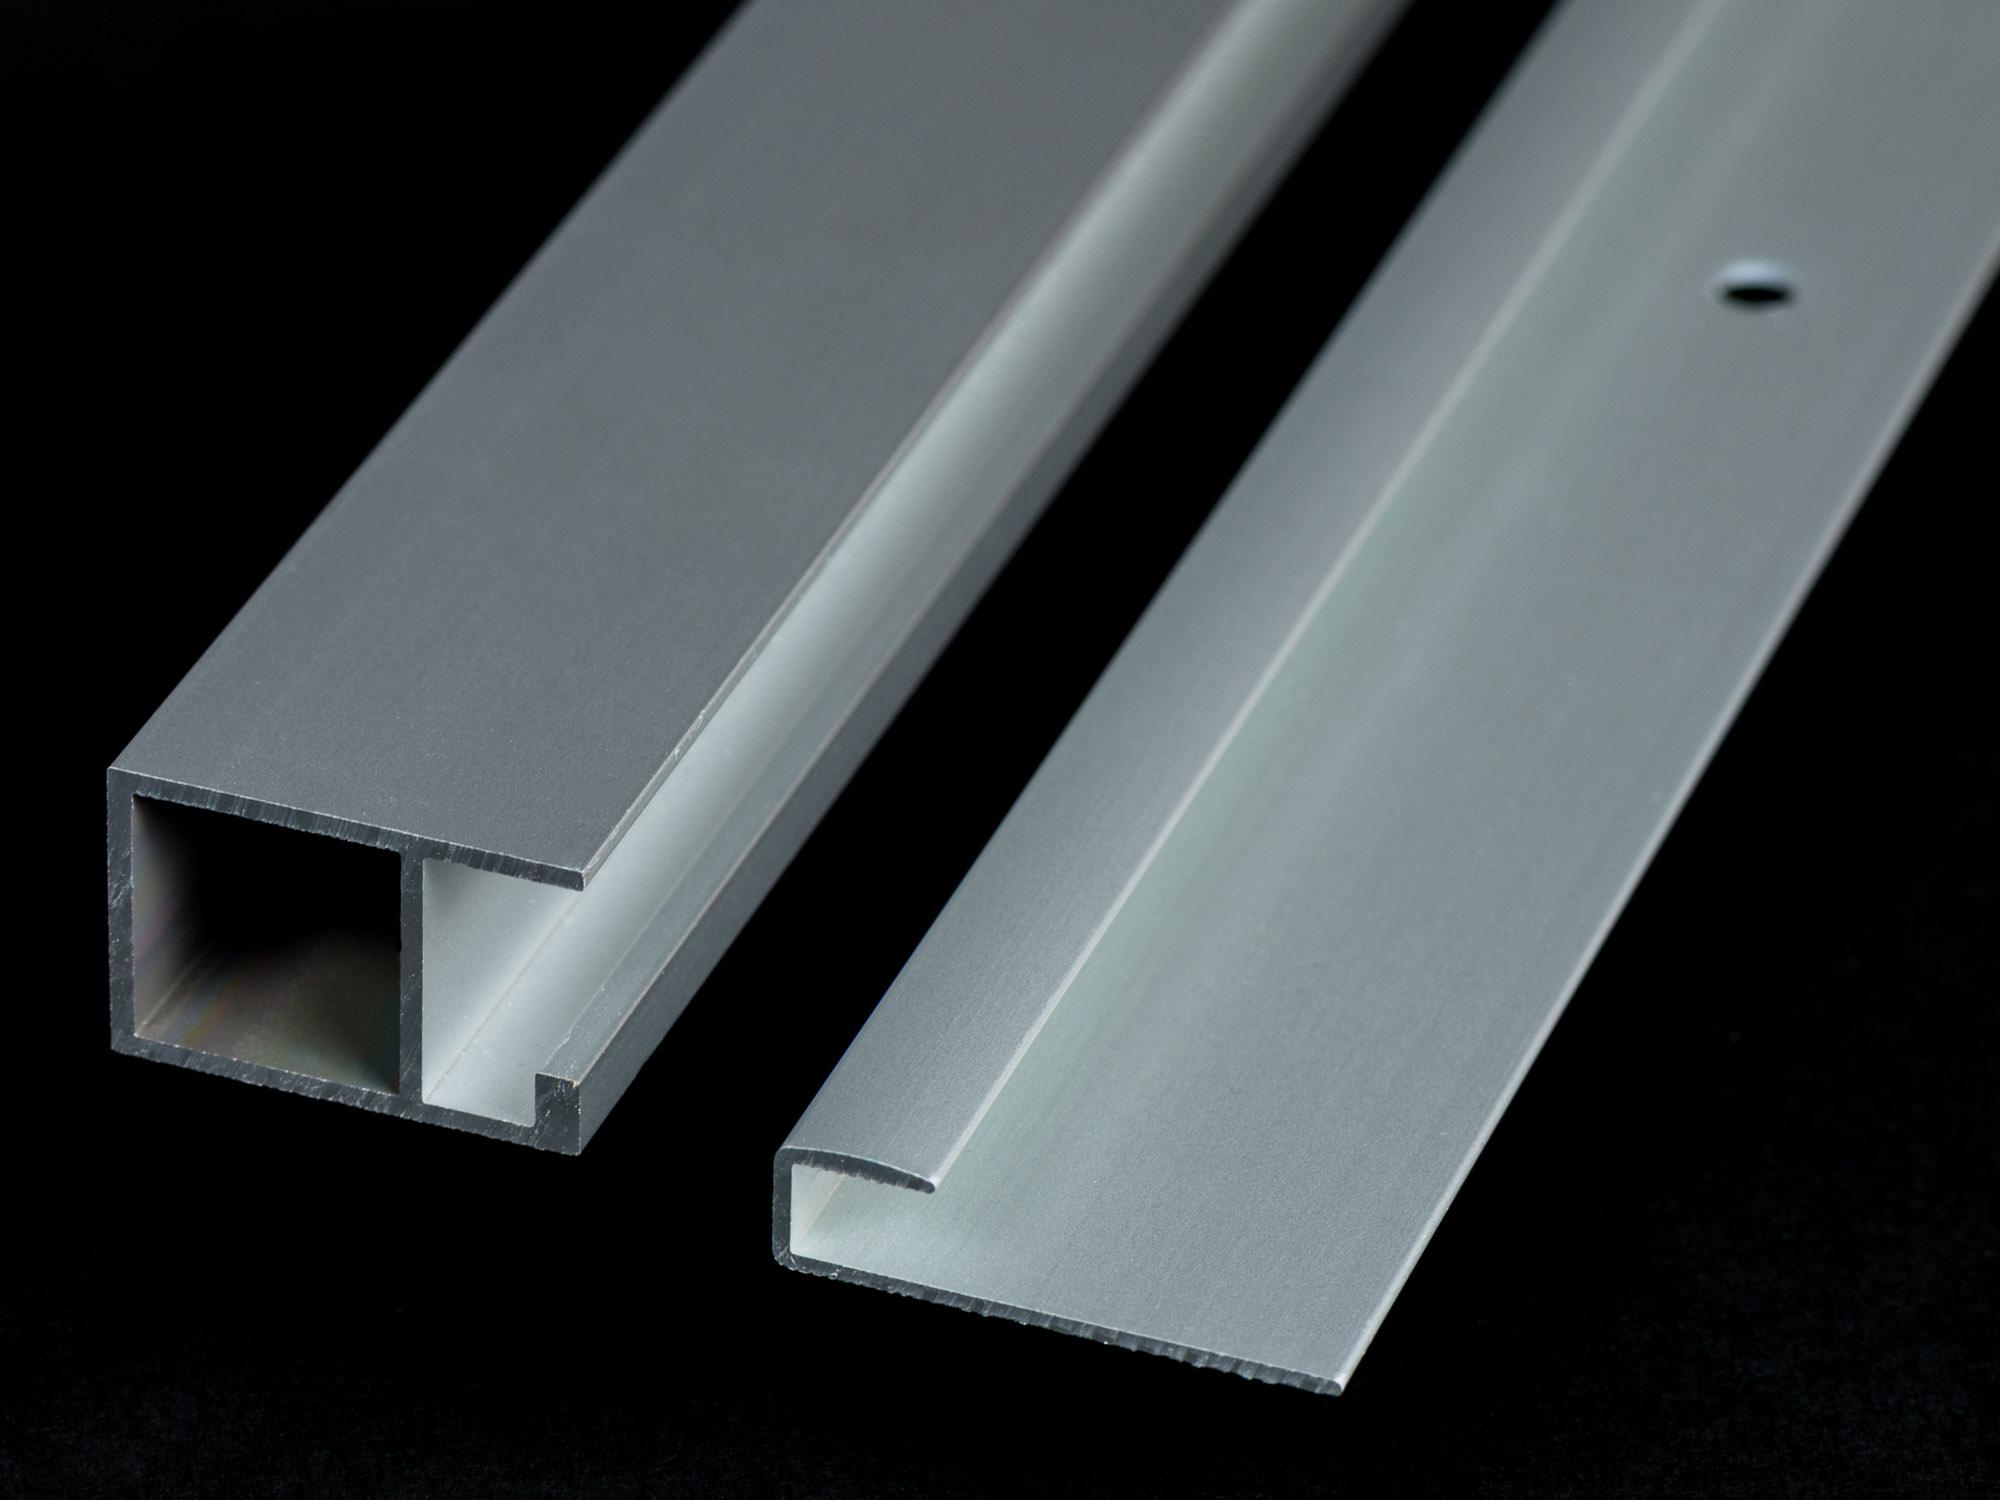 Upphängningslister för utskrift på aluminium